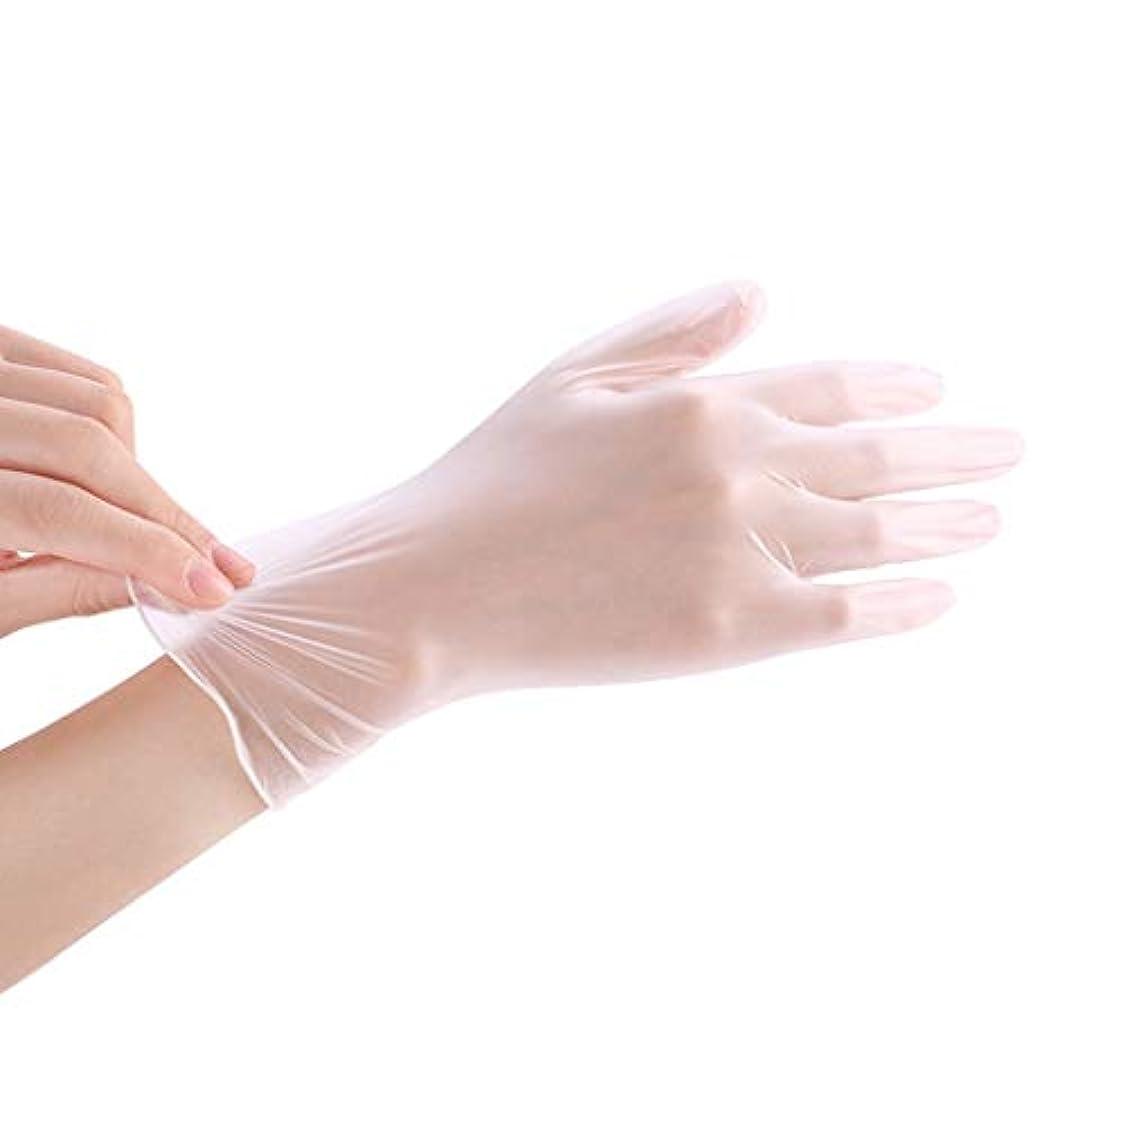 生活所属忠実使い捨て透明食品ケータリンググレードPVC手袋美容キッチンベーキングフィルム手袋200 YANW (色 : トランスペアレント, サイズ さいず : L l)